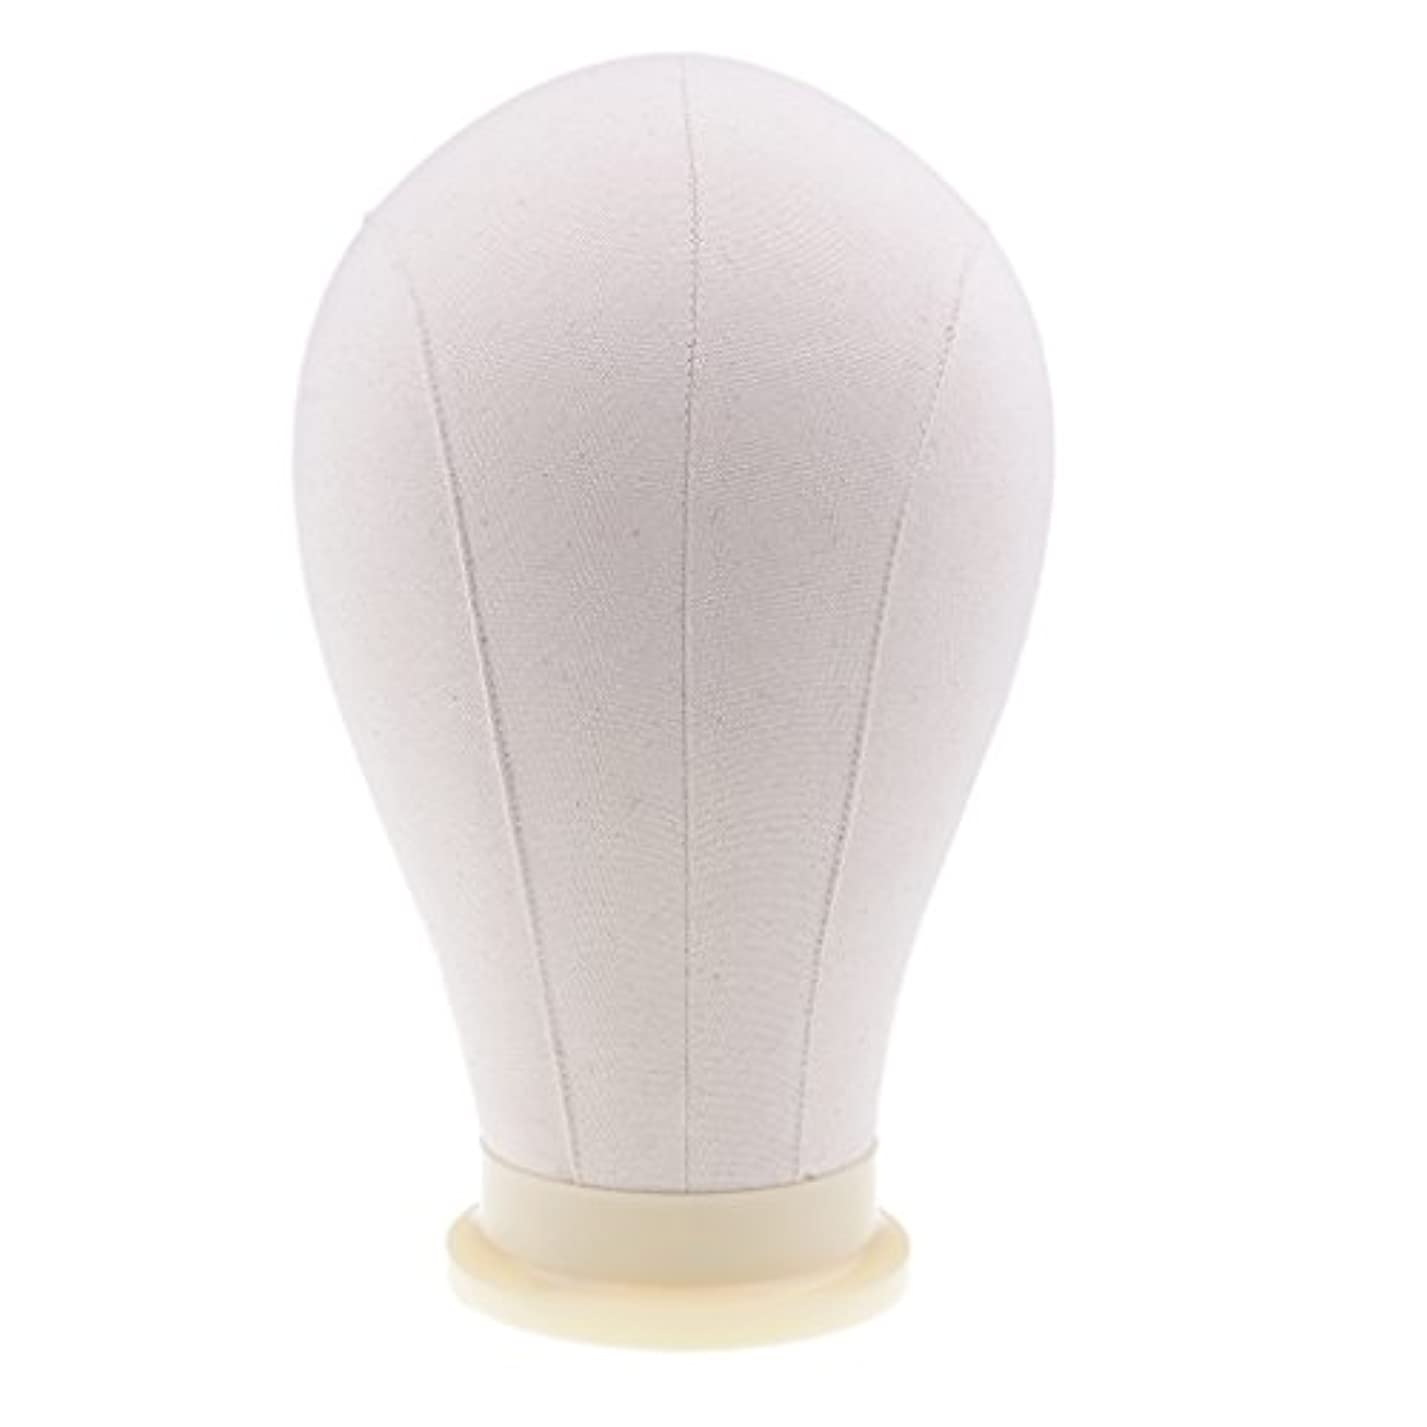 細い予防接種任意Sharplace マネキンヘッド ウィッグ キャンバス 頭部モデル かつら 帽子 メガネ ディスプレイ ホルダー 4サイズ - 24インチ